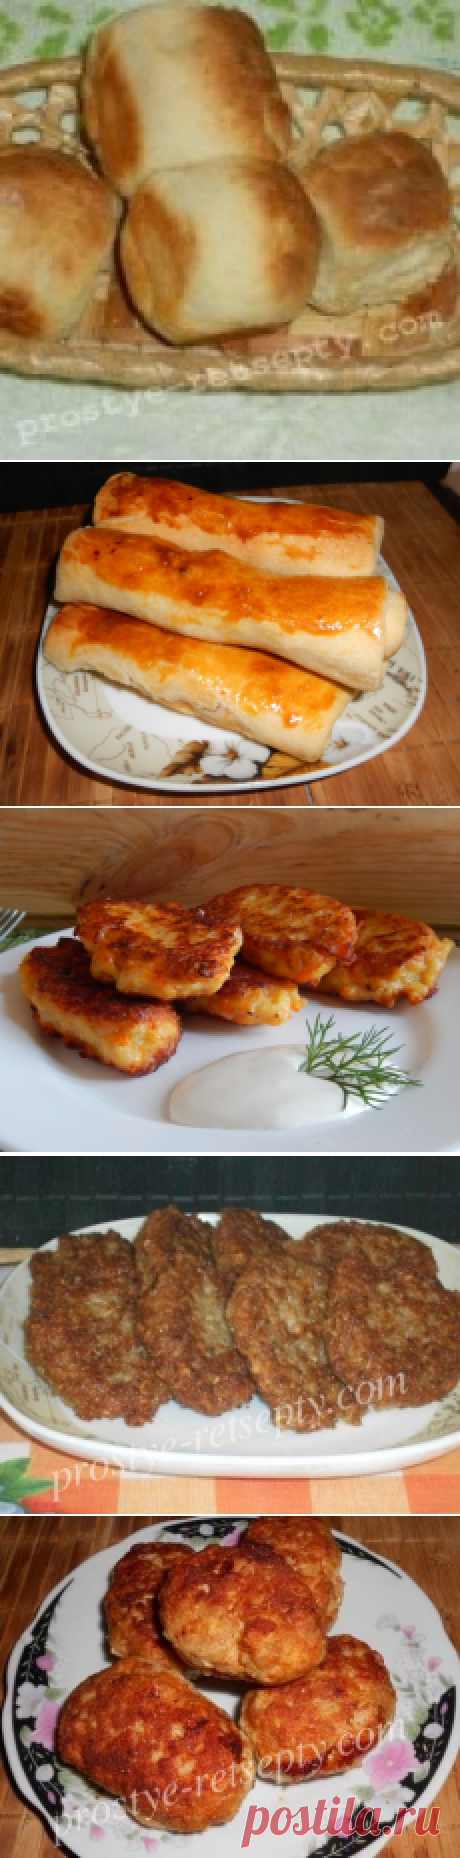 Вкусные и простые постные блюда с рецептами и фото